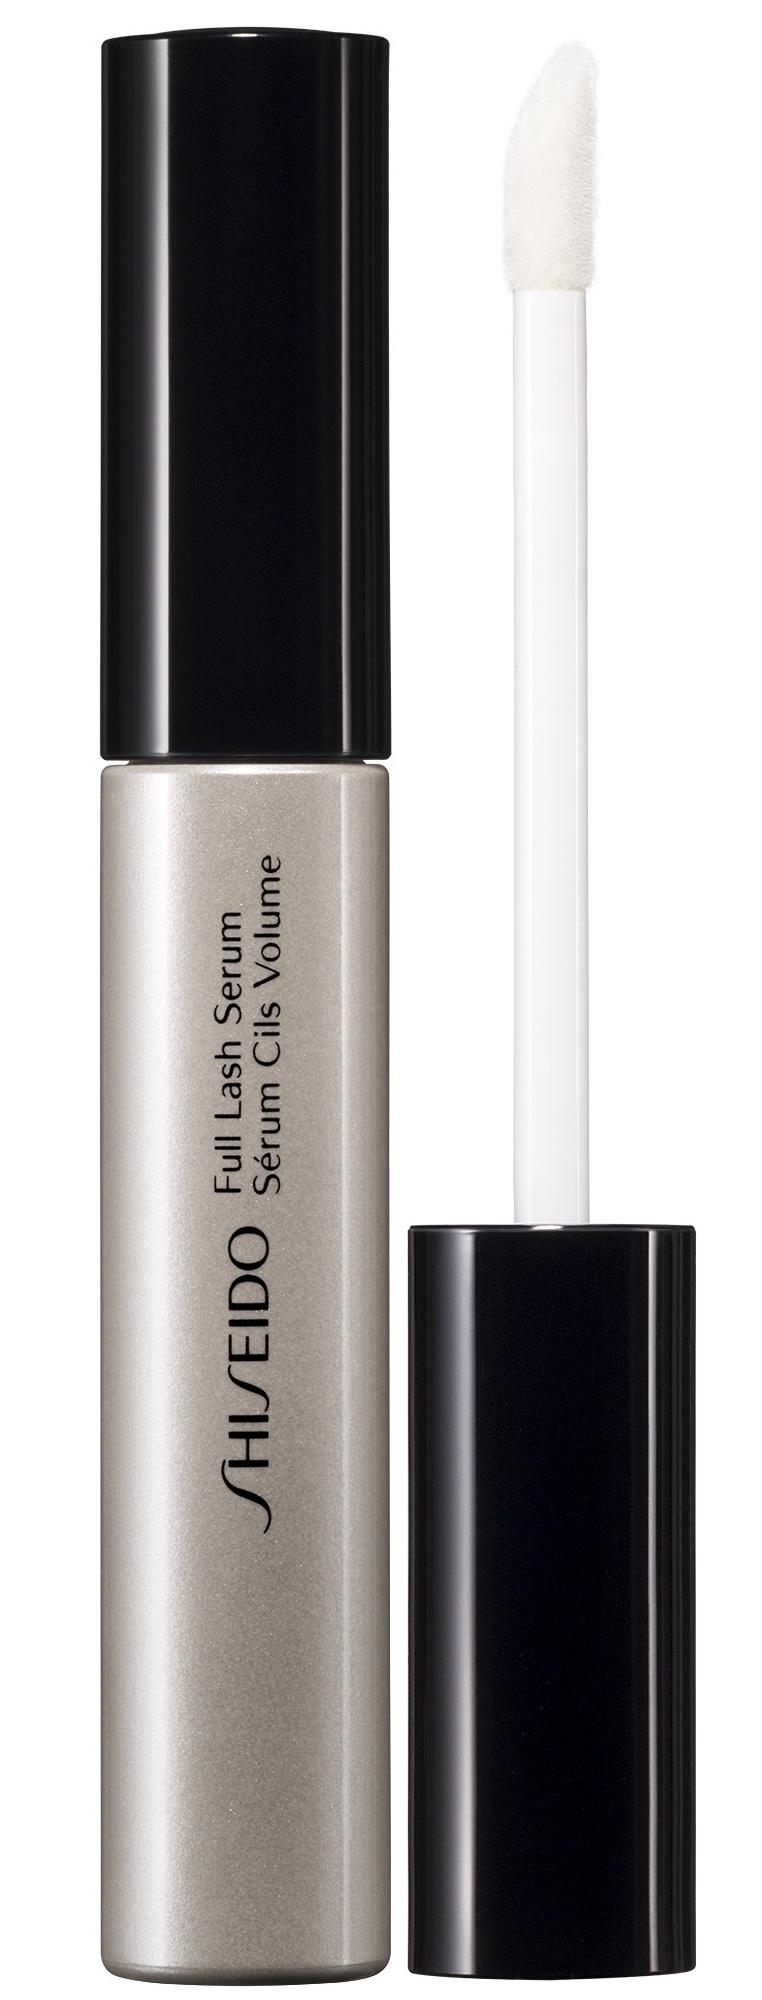 Shiseido Full Lash Serum, 6 ml